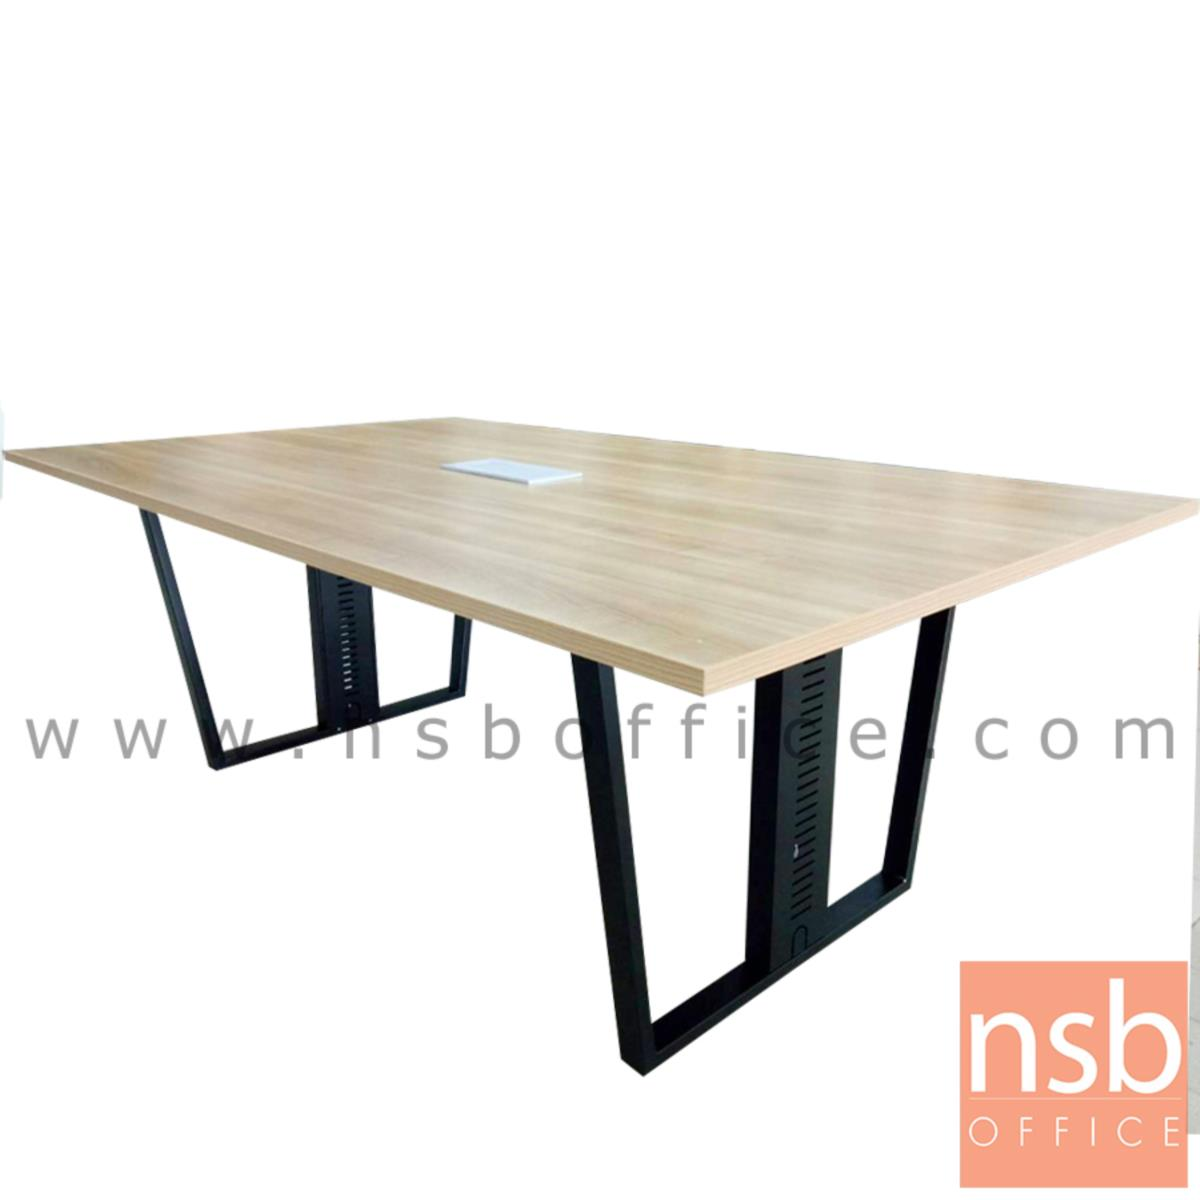 โต๊ะประชุมทรงสี่เหลี่ยม  ขนาด 200W ,240W cm.  พร้อมกระจังร้อยสายไฟ ขาเหล็กกล่อง